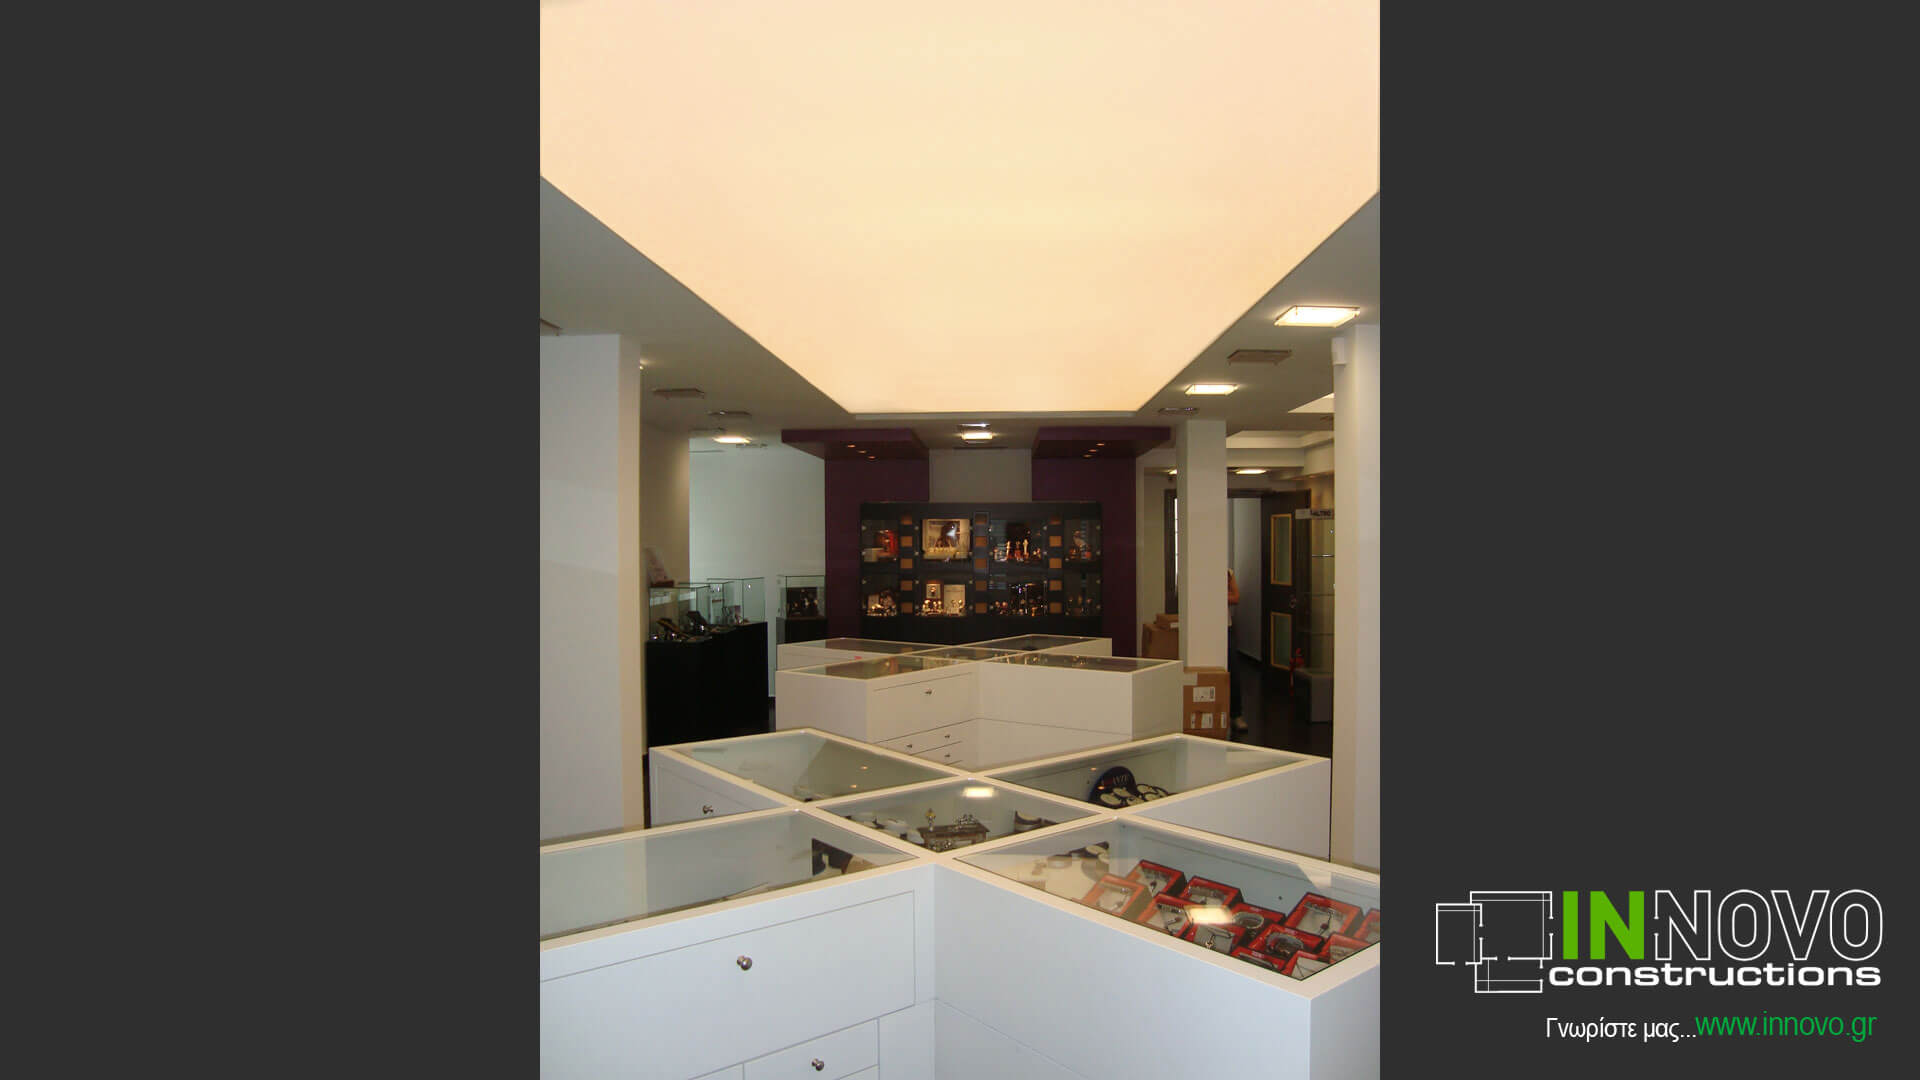 anakainisi-etaireias-company-renovation-soultos-grafeia-1048-26